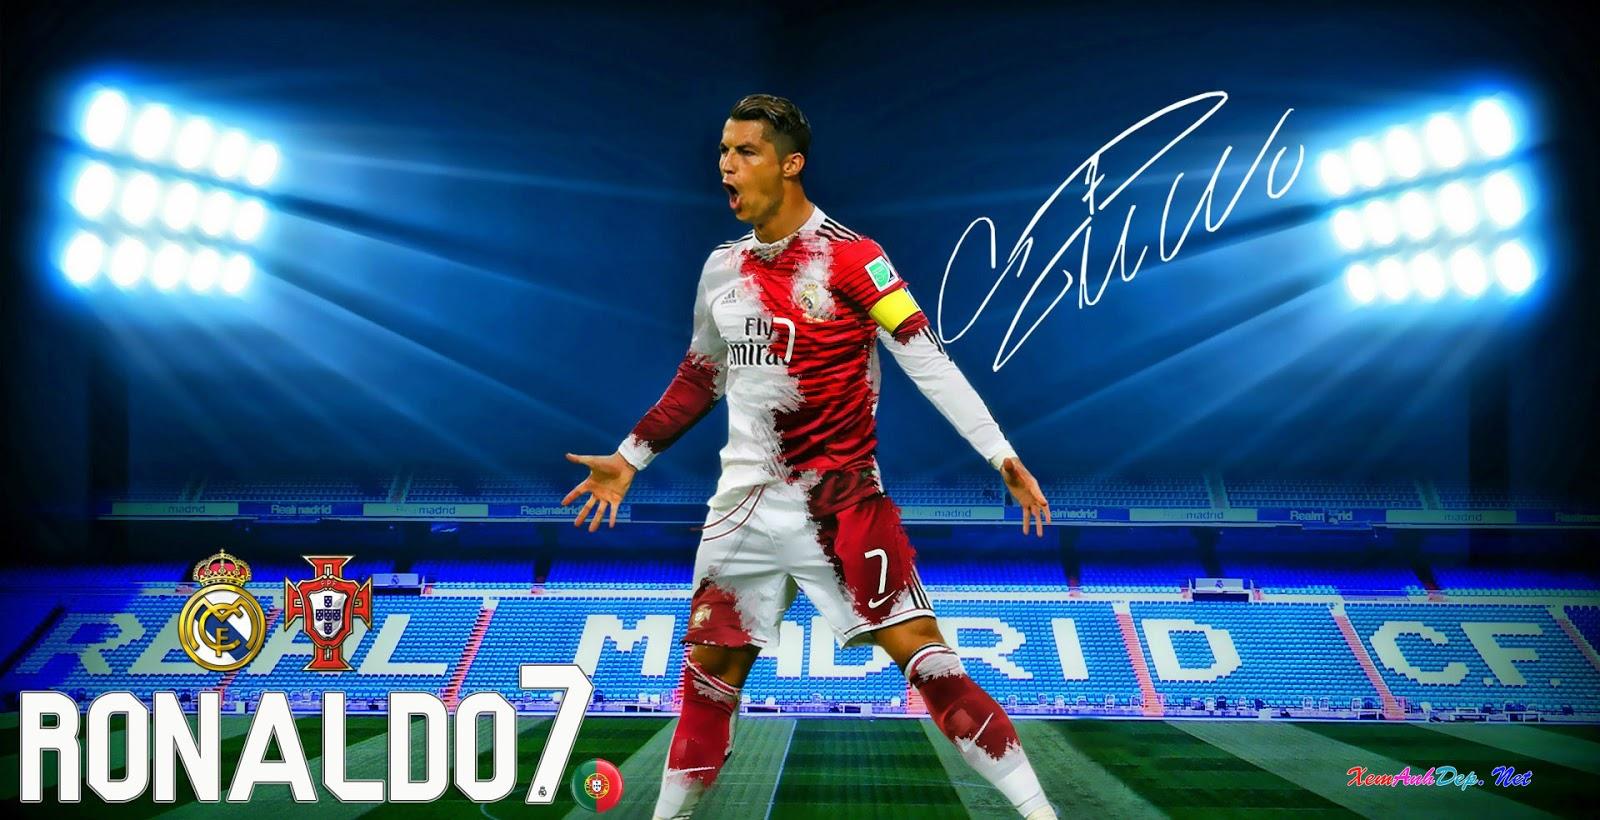 Ảnh Ronaldo đẹp 13